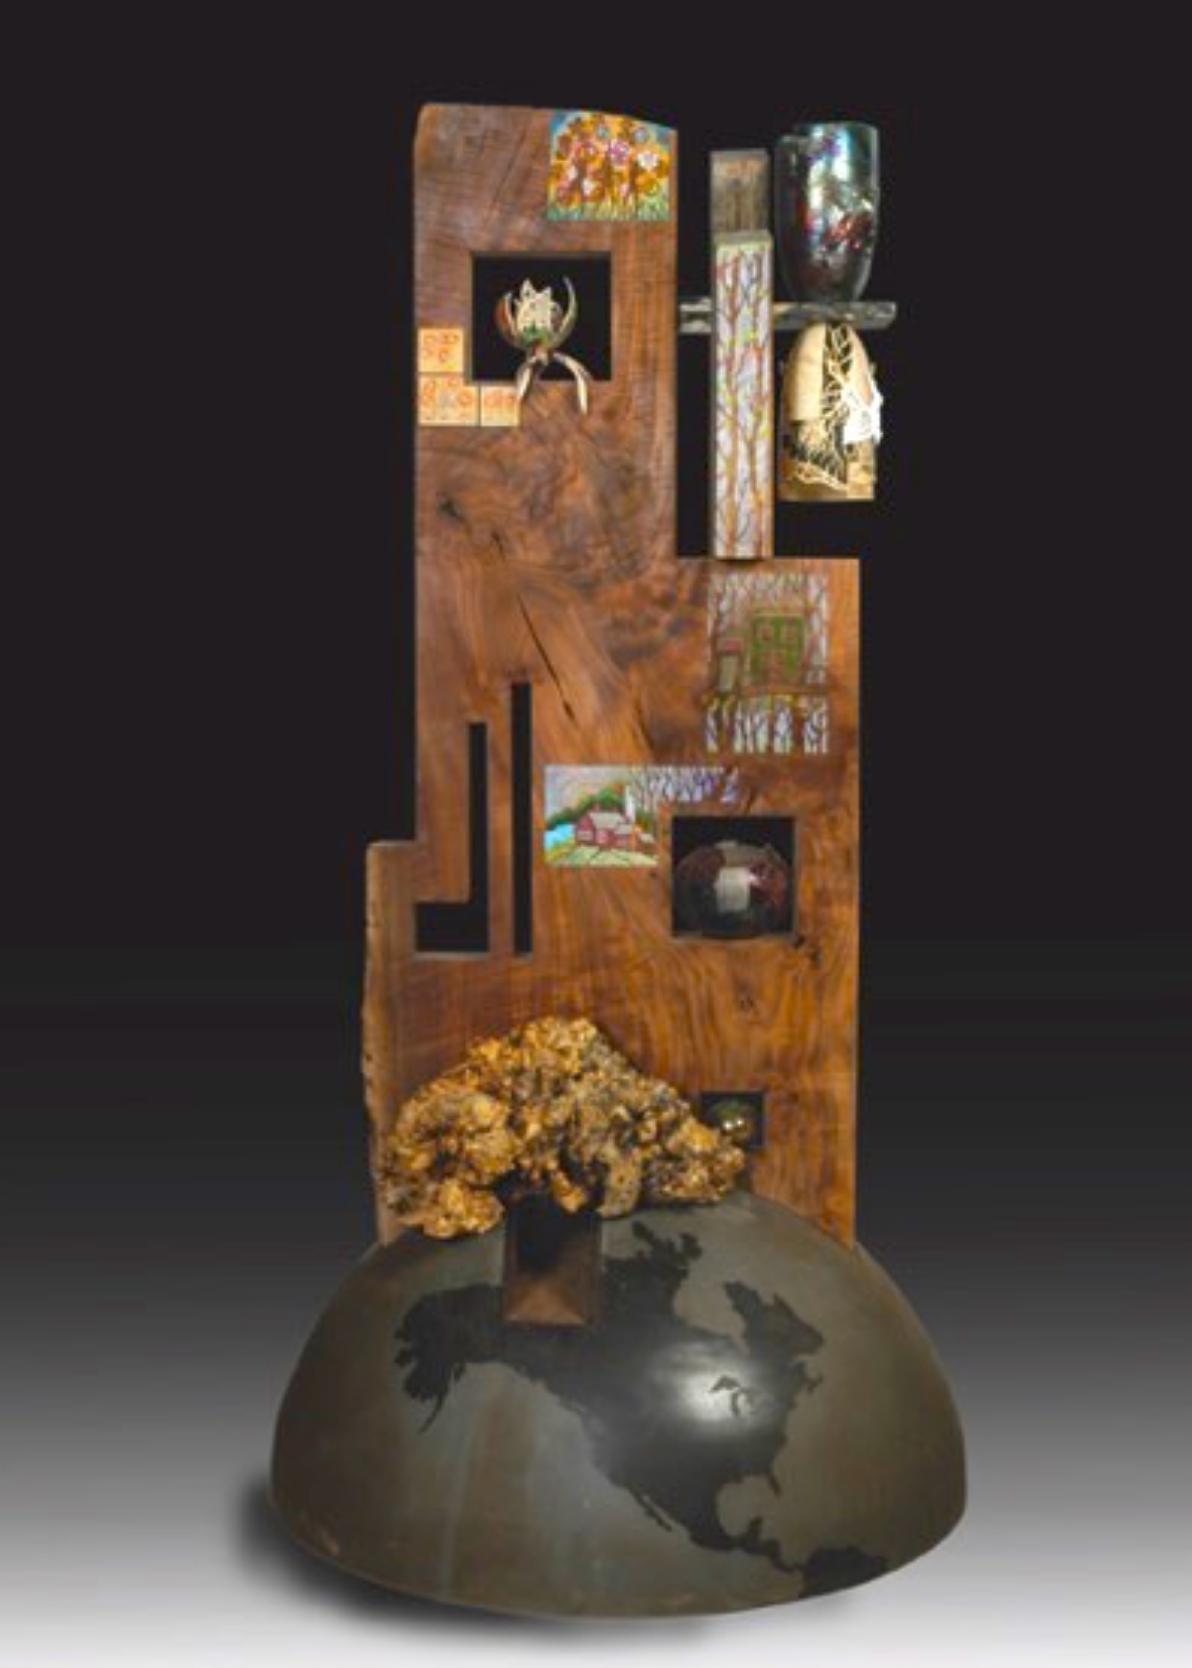 Binh Pho art at Habatat Galleries Florida